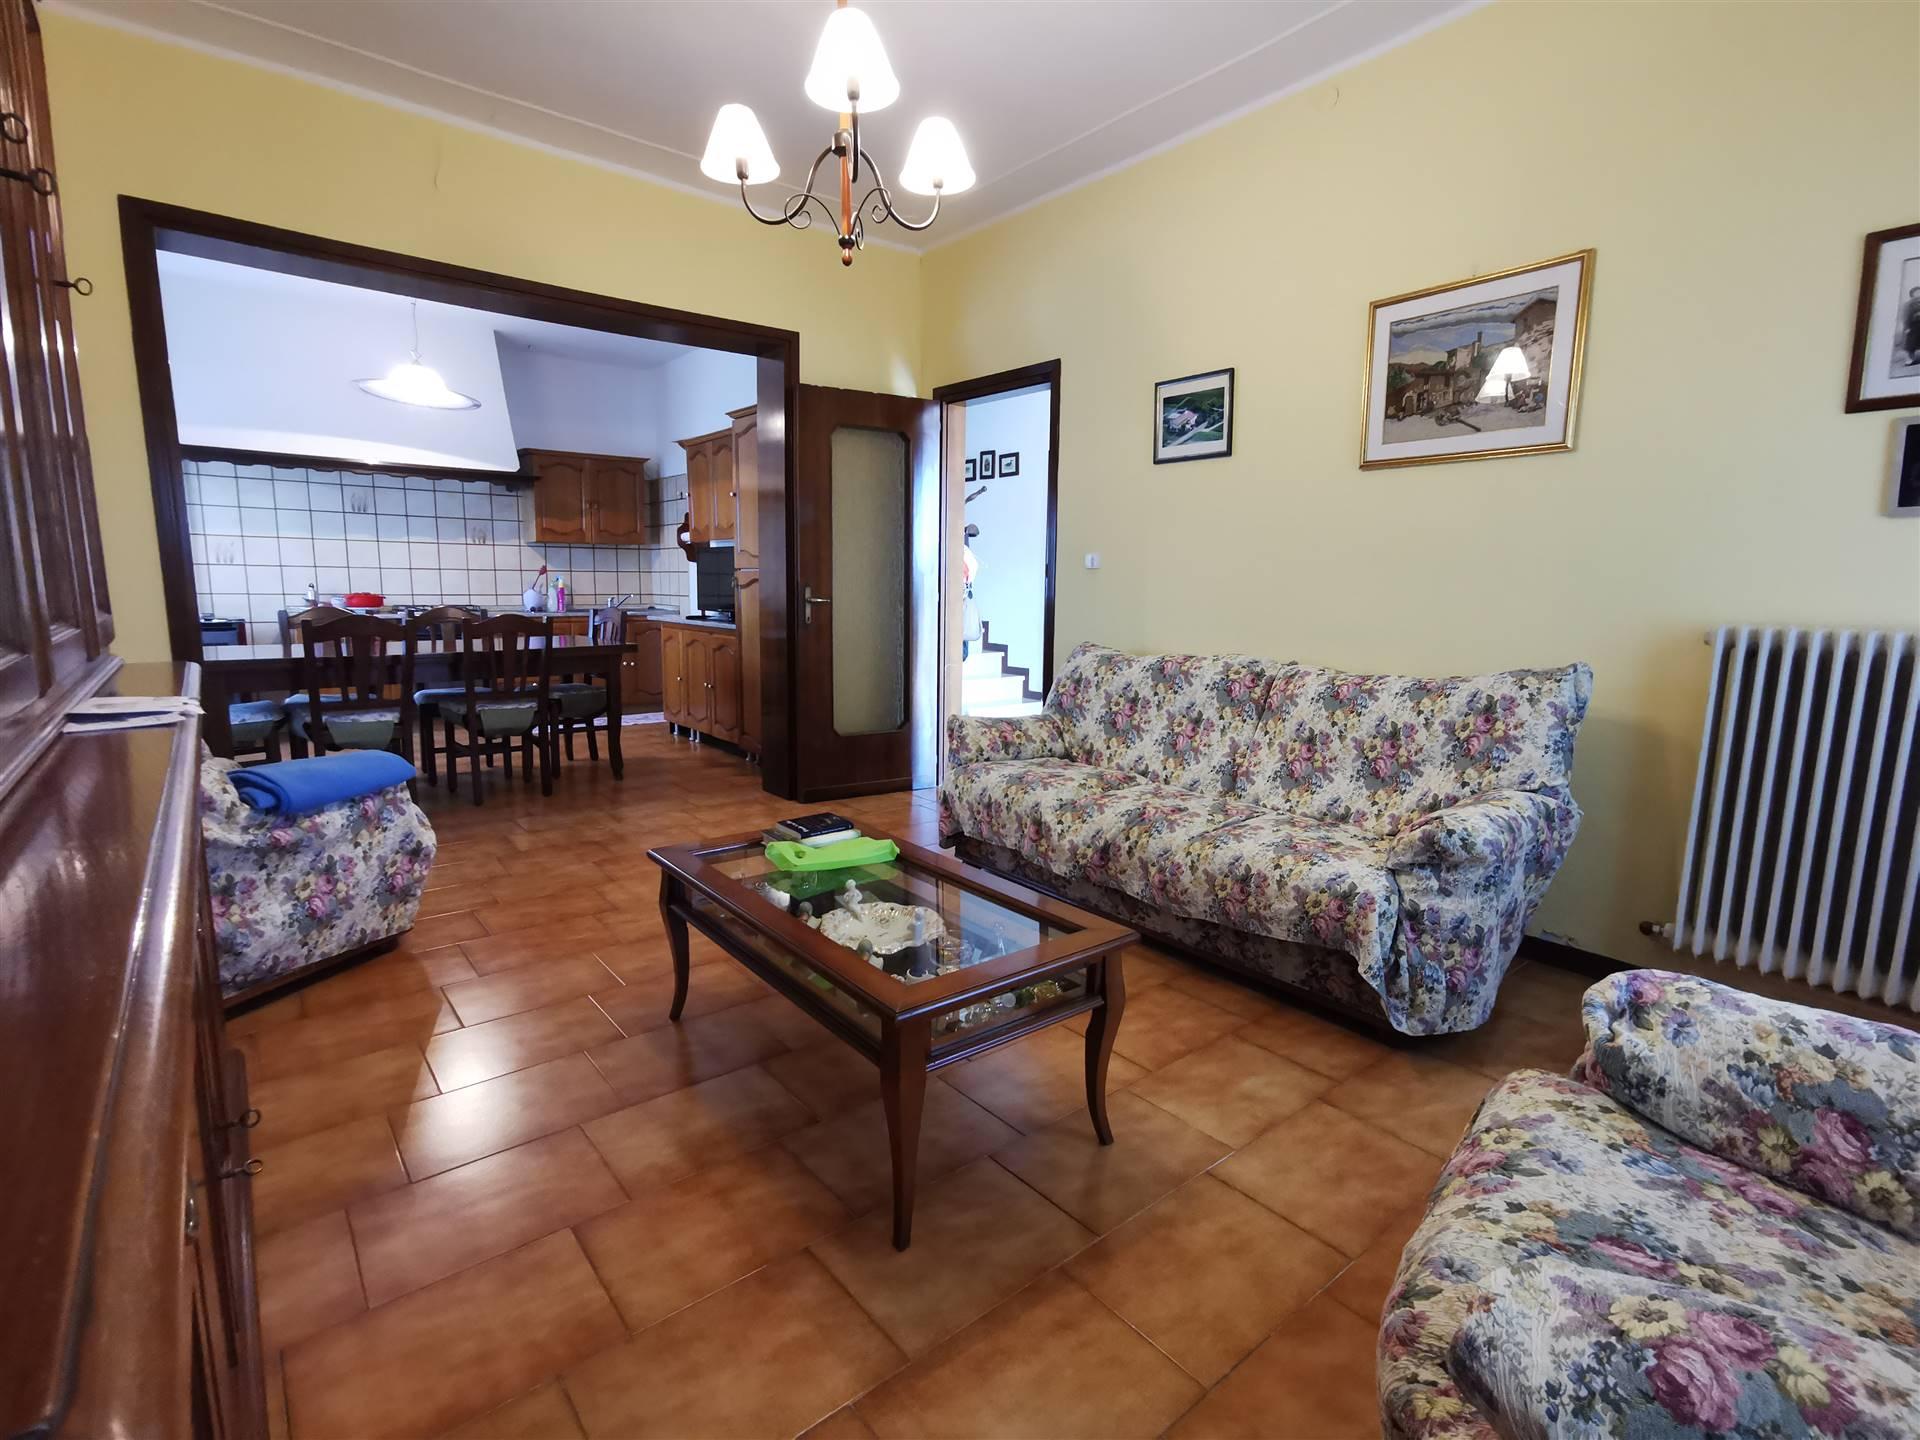 JESOLO CASALE doppia abitazione con terreno viticolo Foto 8